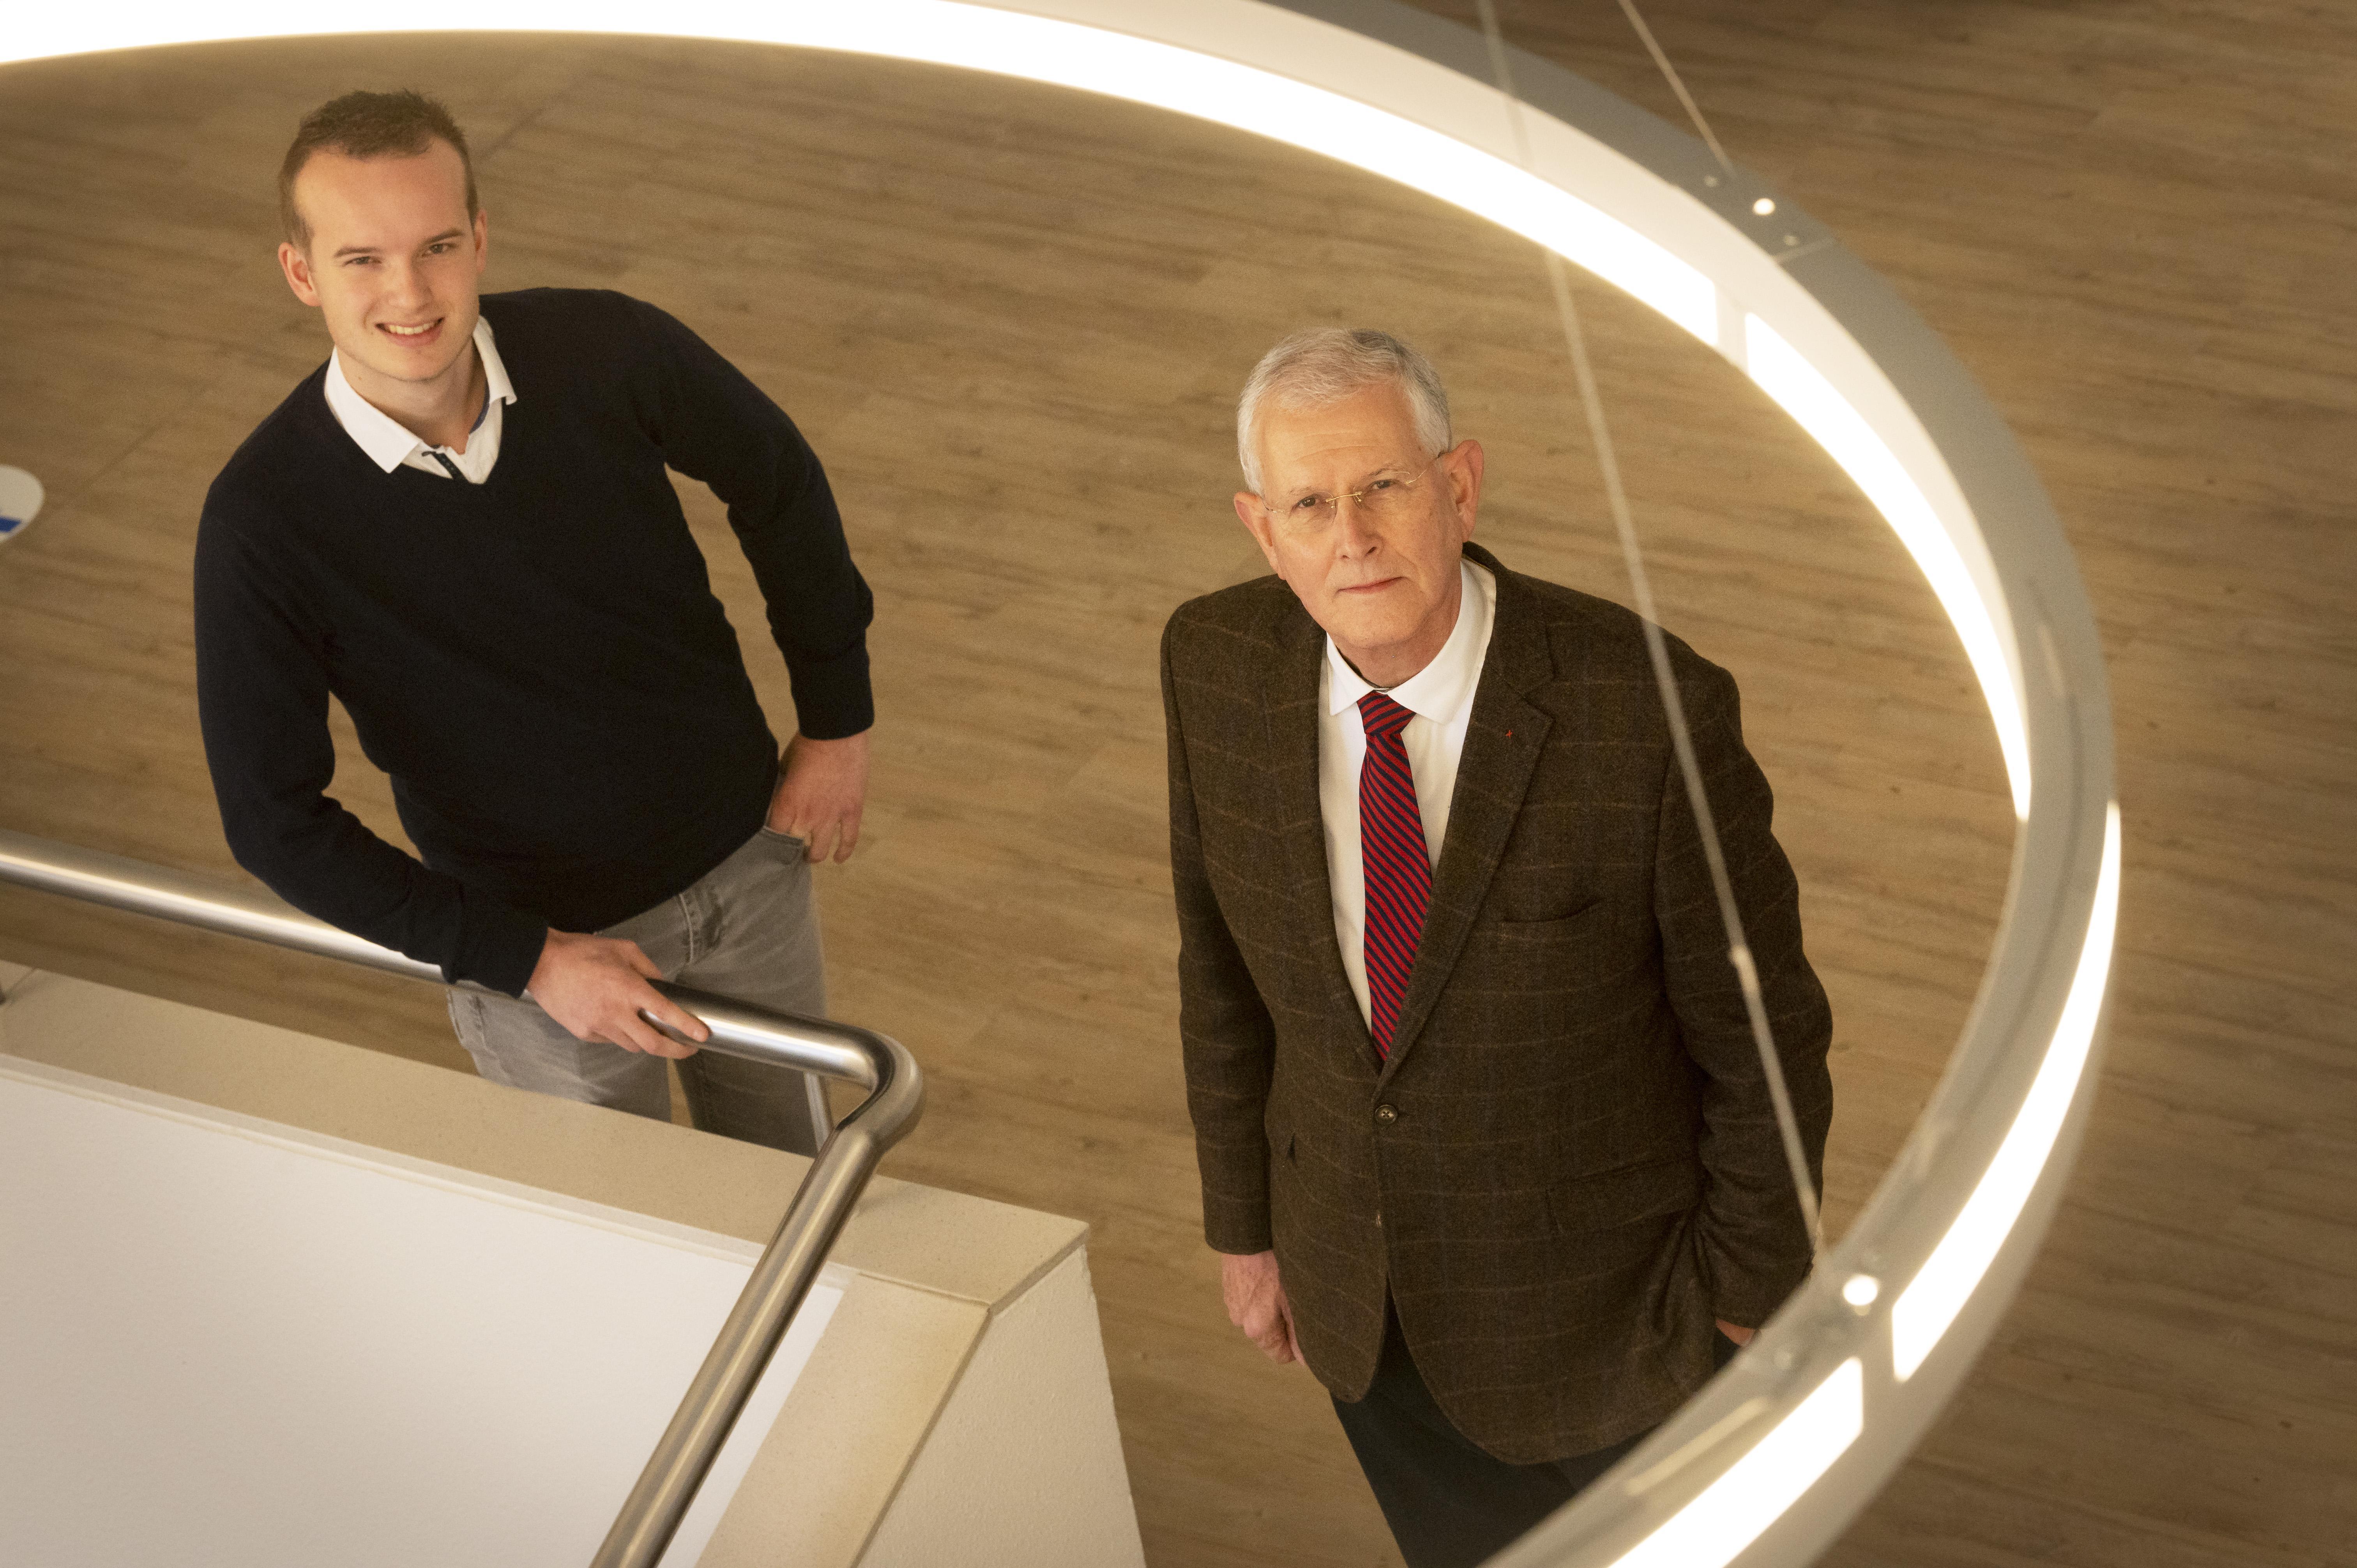 Teylingse raadsleden Peter Scholten (69) en Hidde Verhoeve (21) slaan handen ineen: 'Brede discussie over energie is hard nodig'